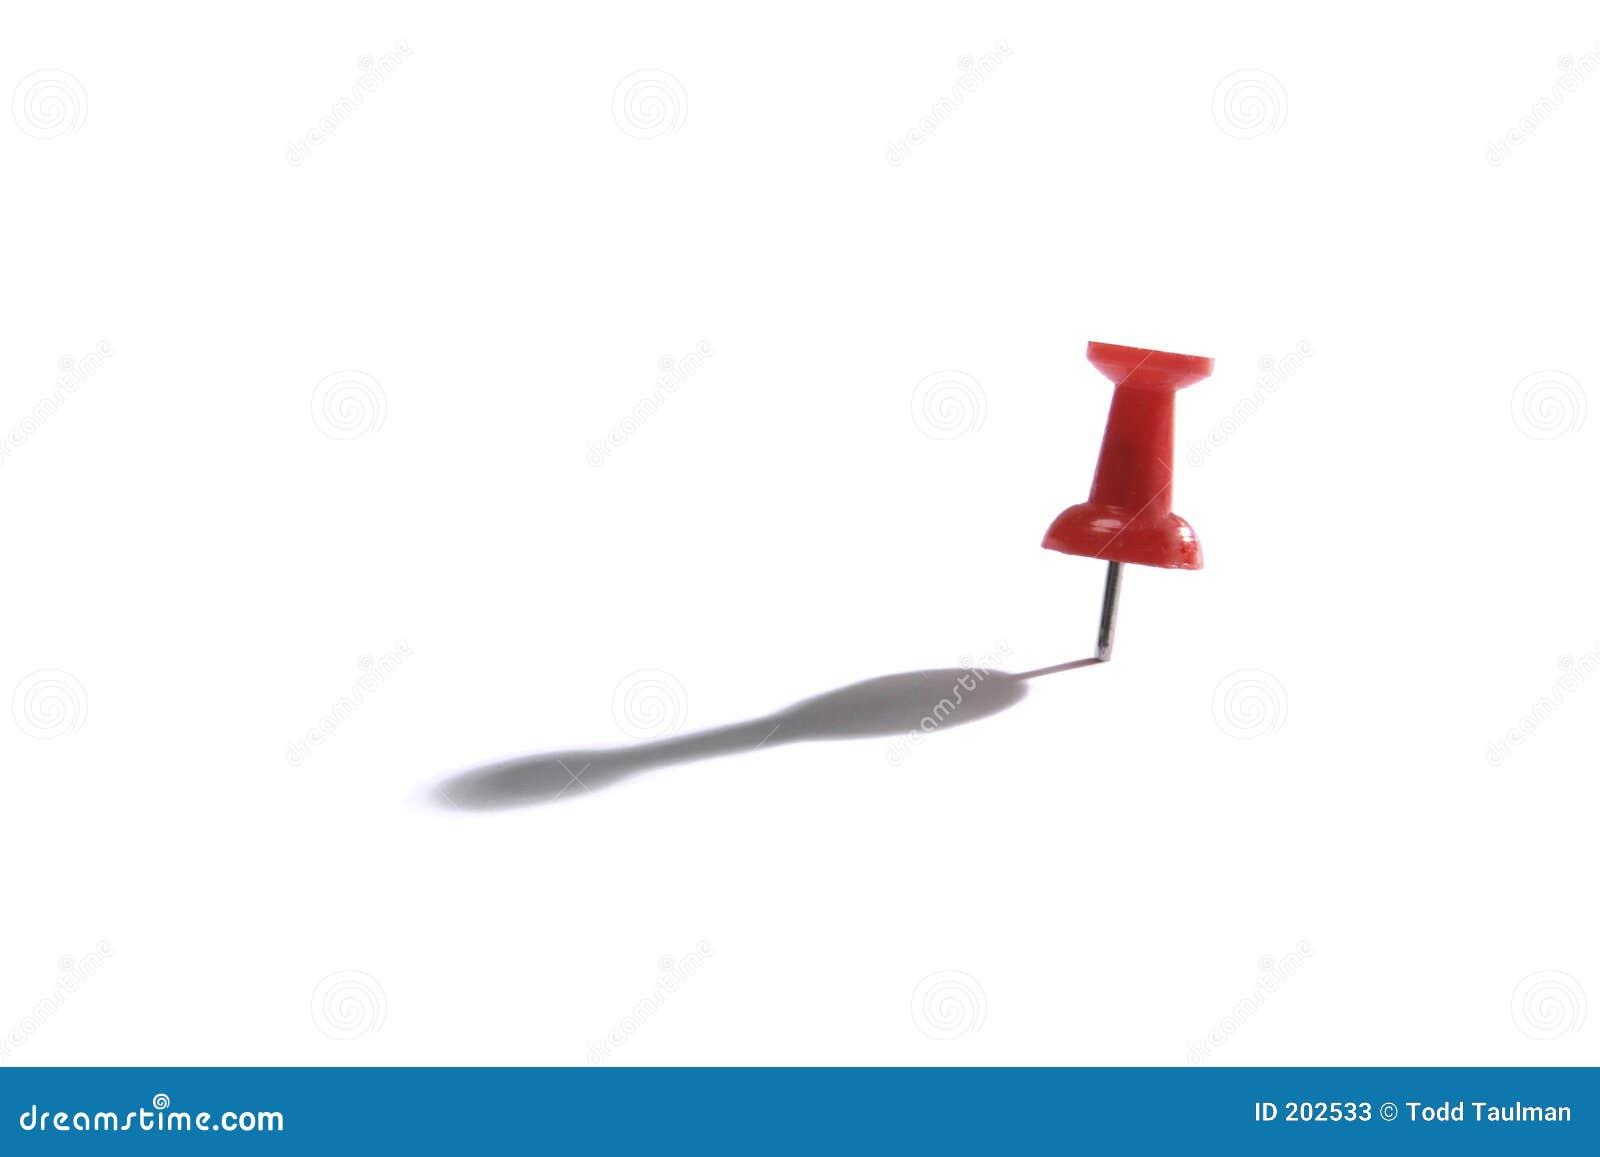 Chiodo a testa piatta rosso